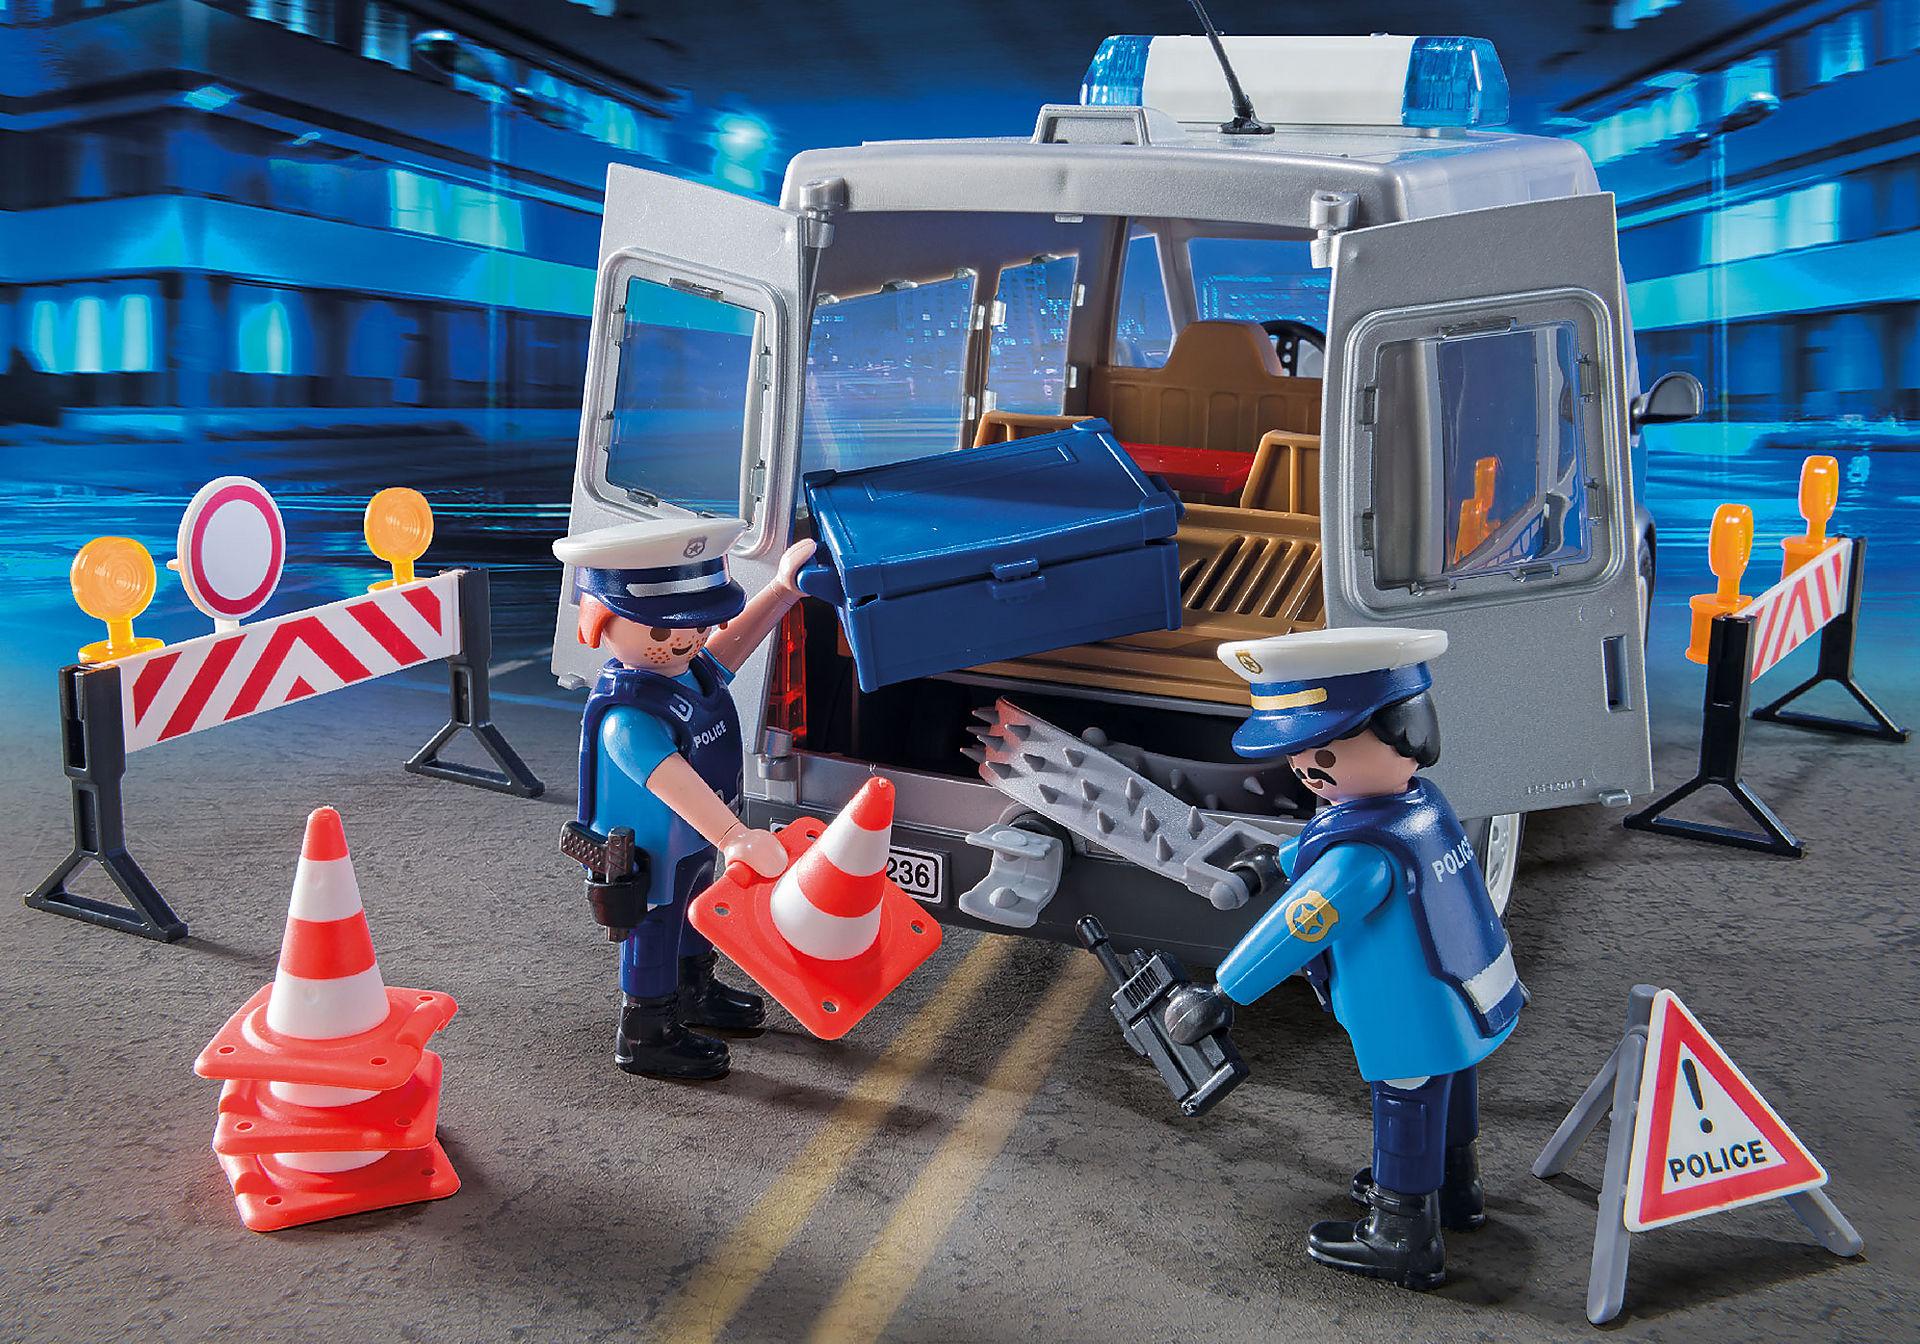 http://media.playmobil.com/i/playmobil/9236_product_extra1/Fourgon de policiers avec matériel de barrage